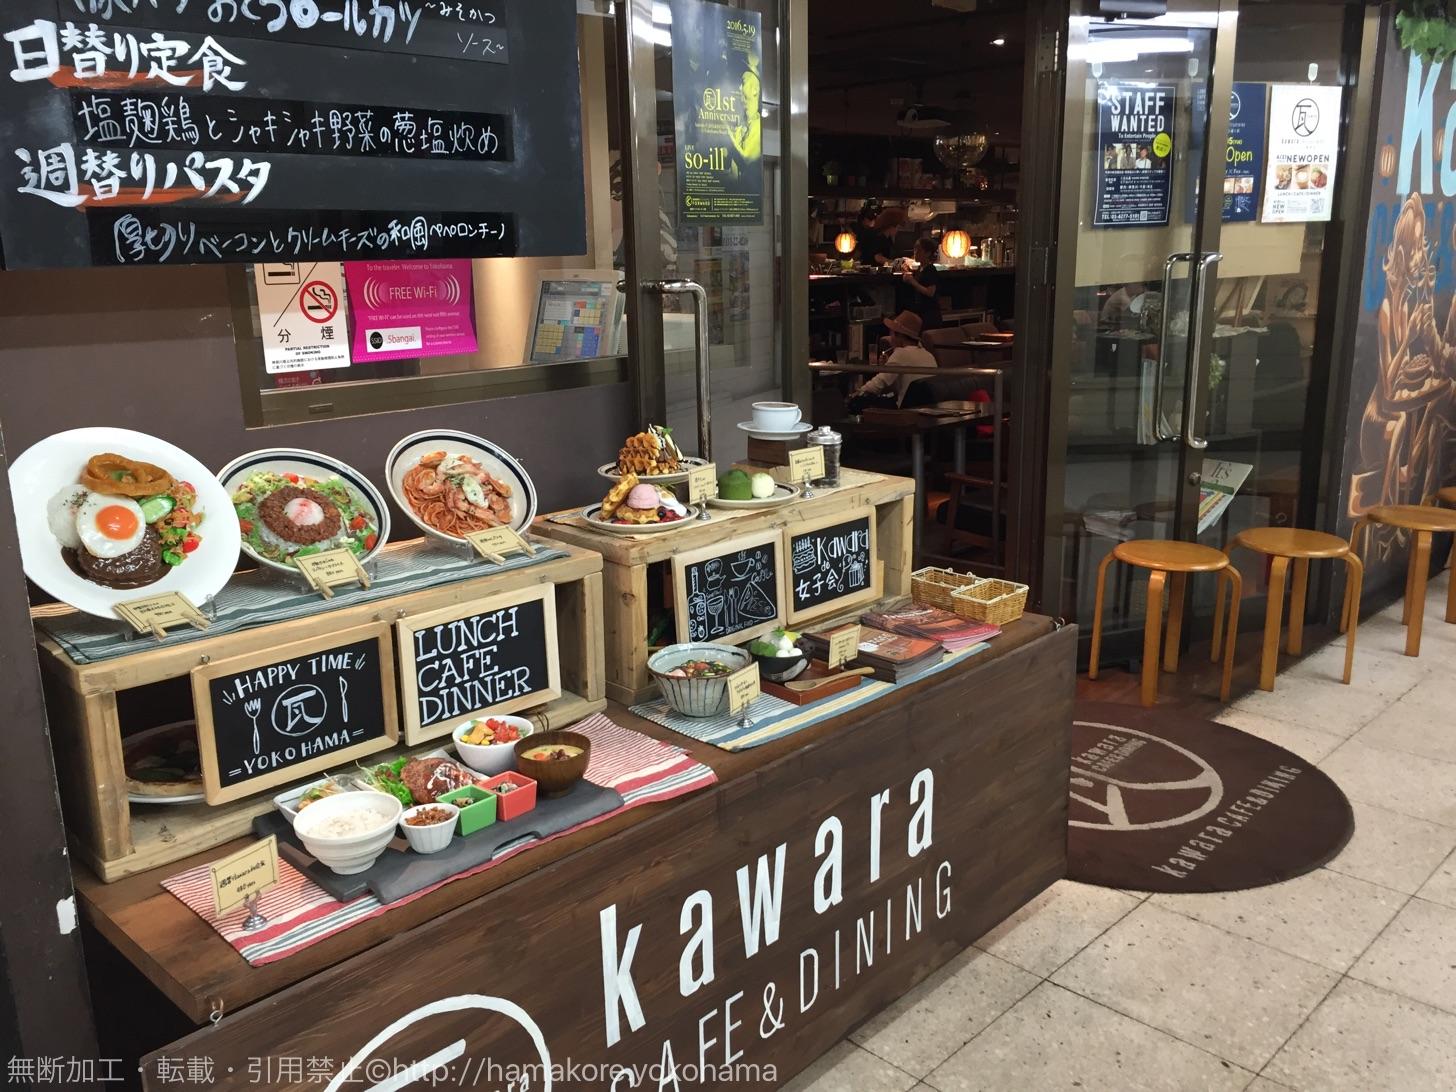 瓦カフェ 横浜店の外観